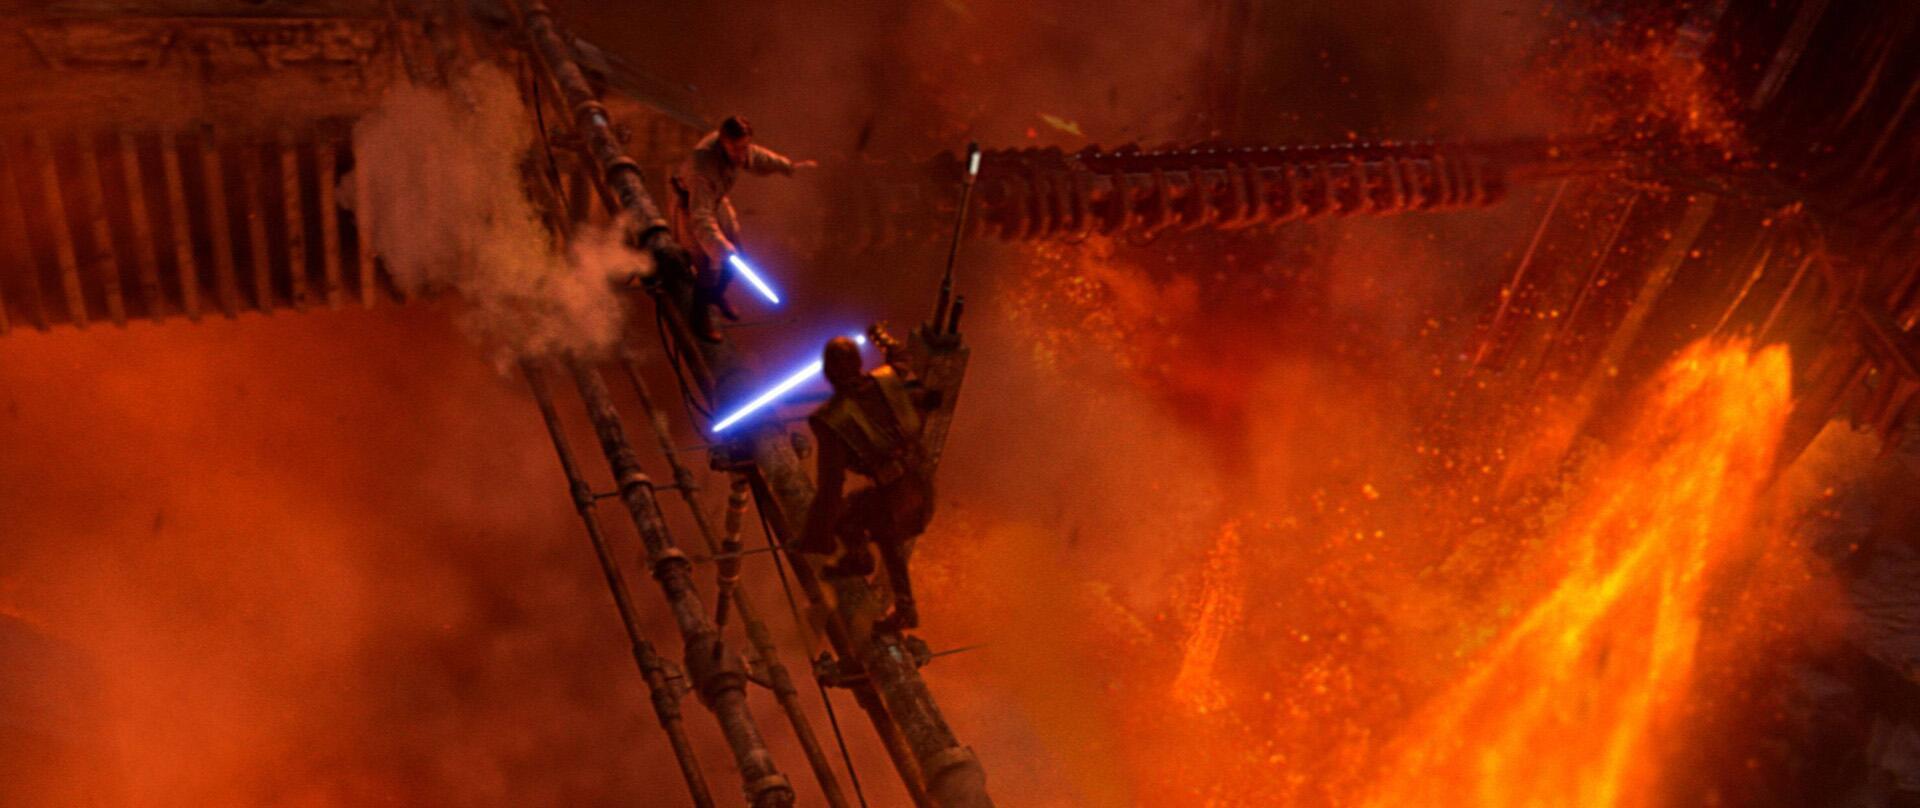 Bild zu Star Wars, Filme, Fakten, Wissen, Episode III